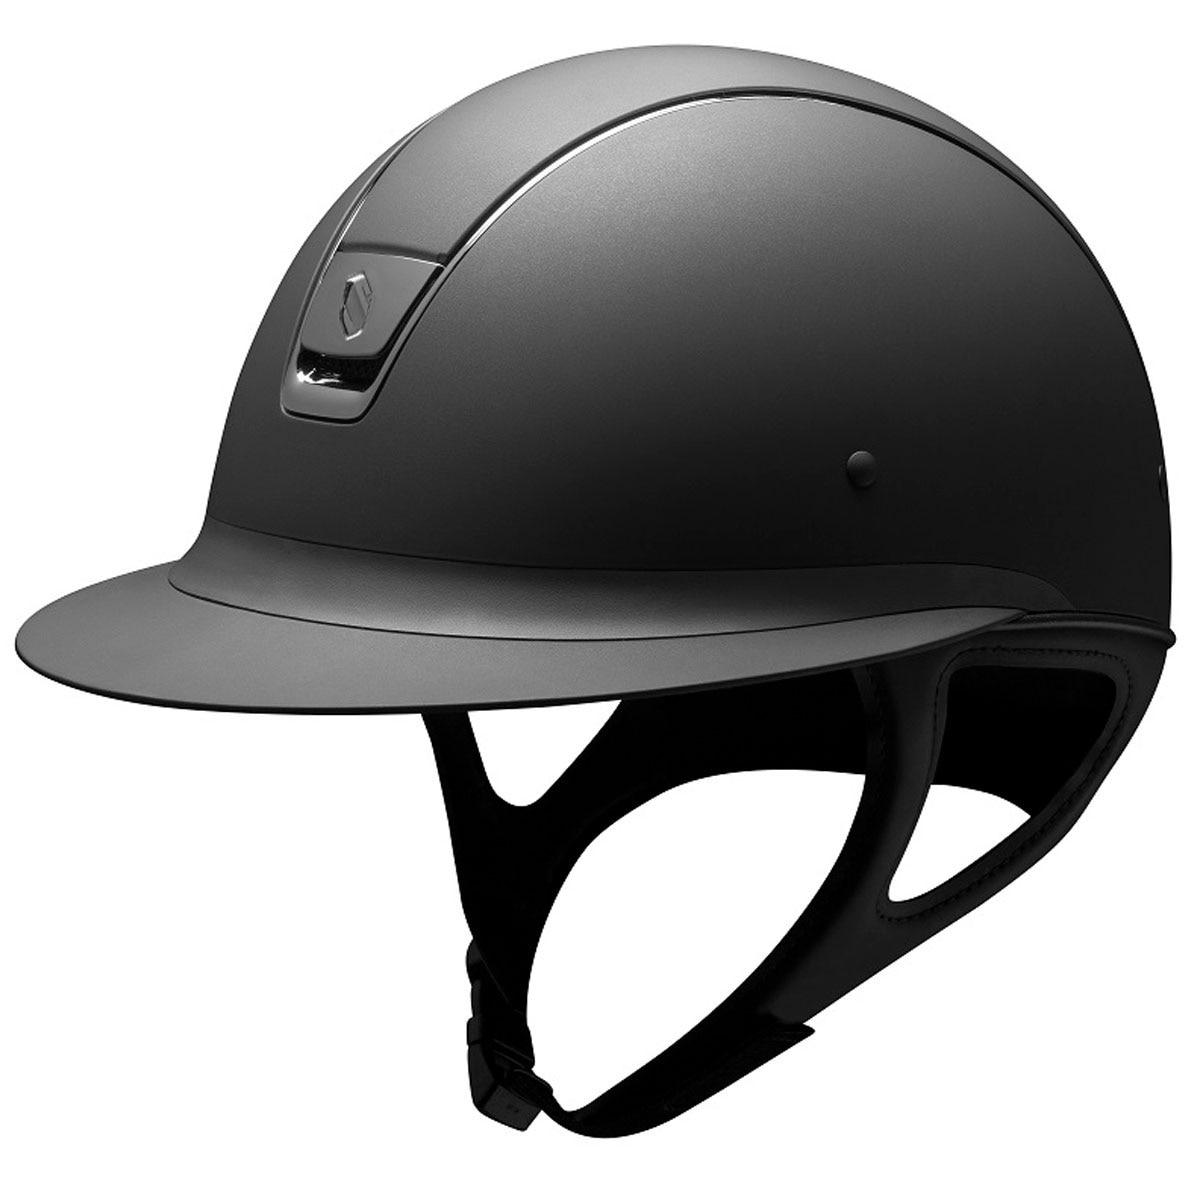 Samshield Miss Shield Helmet